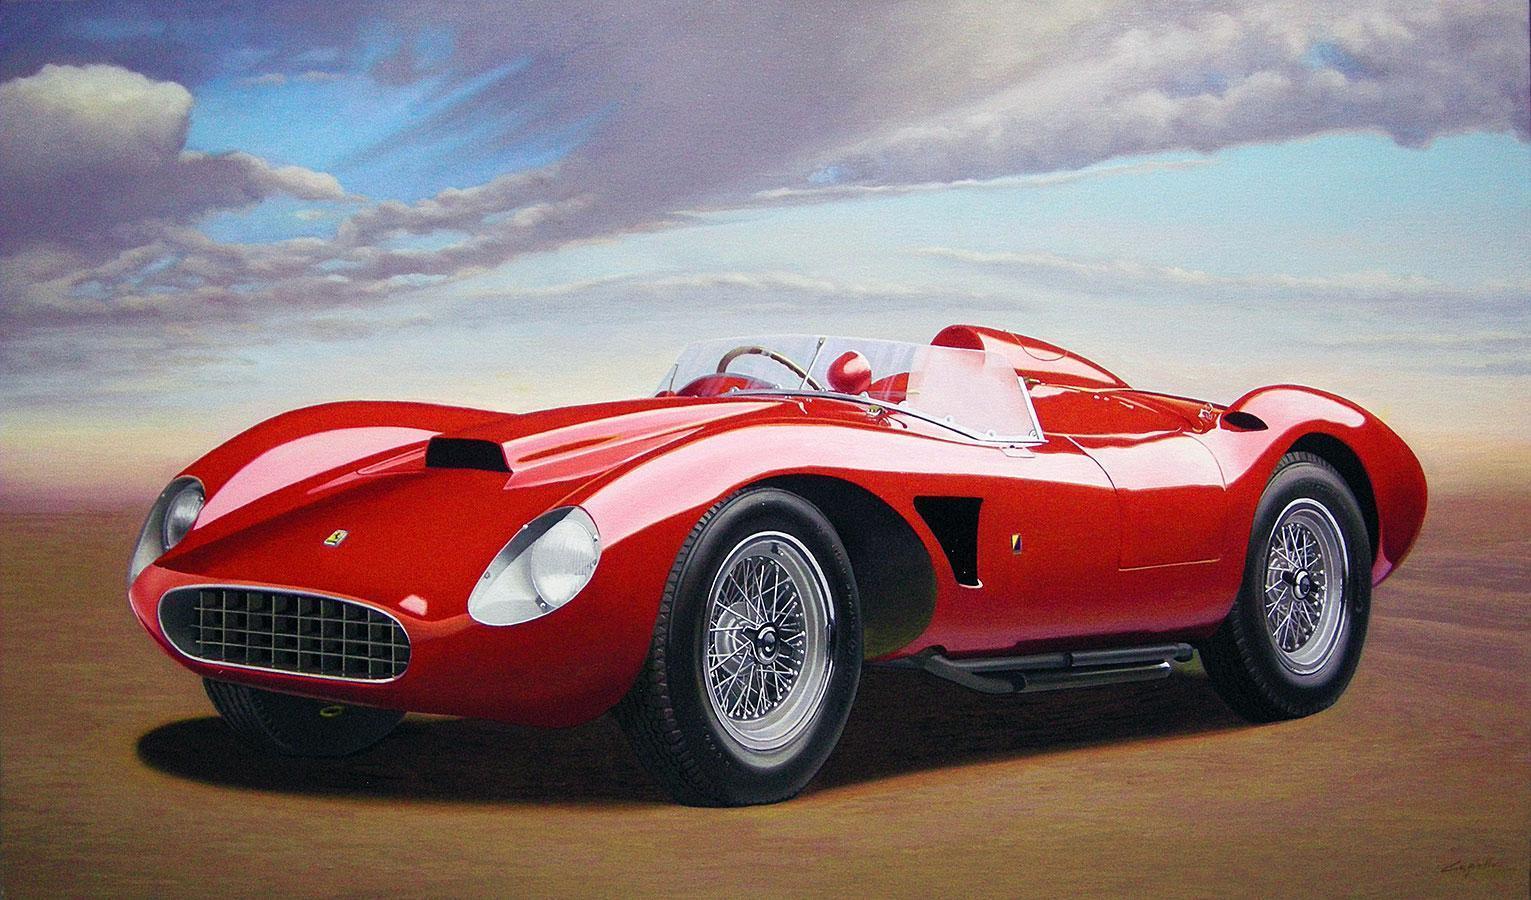 1957 Ferrari 625 Spider by Francesco Capello